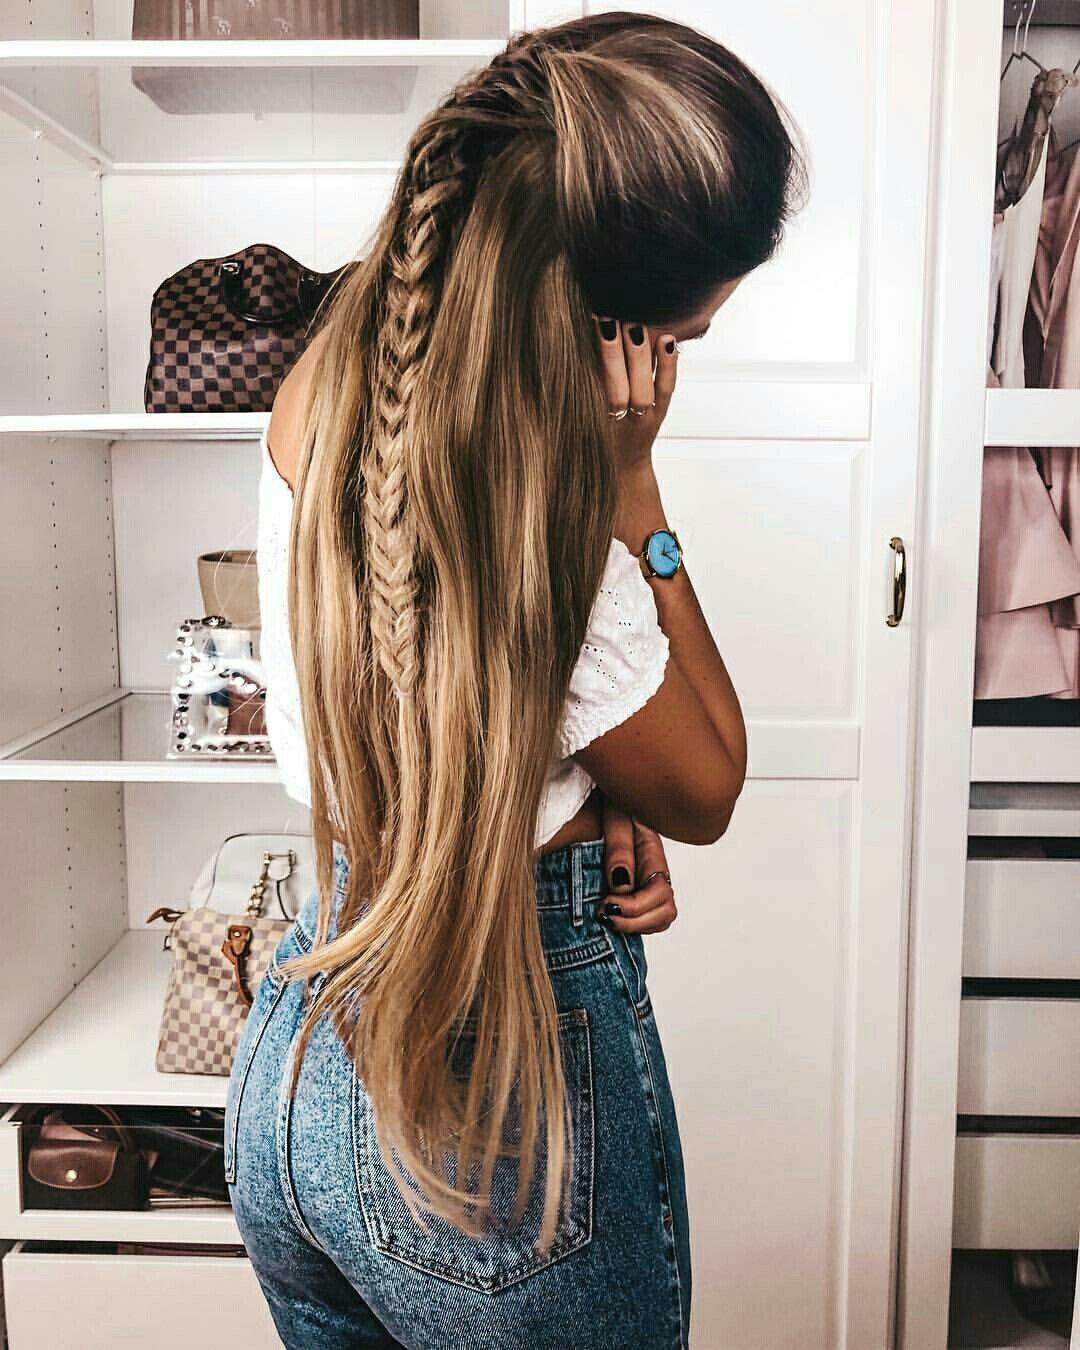 Half Up Half Down Long Hairstyle Long Hair Goals Long Hair Inspo Hairstyles For Long Hair Long Hair Styles Hair Styles Long Hair Tips